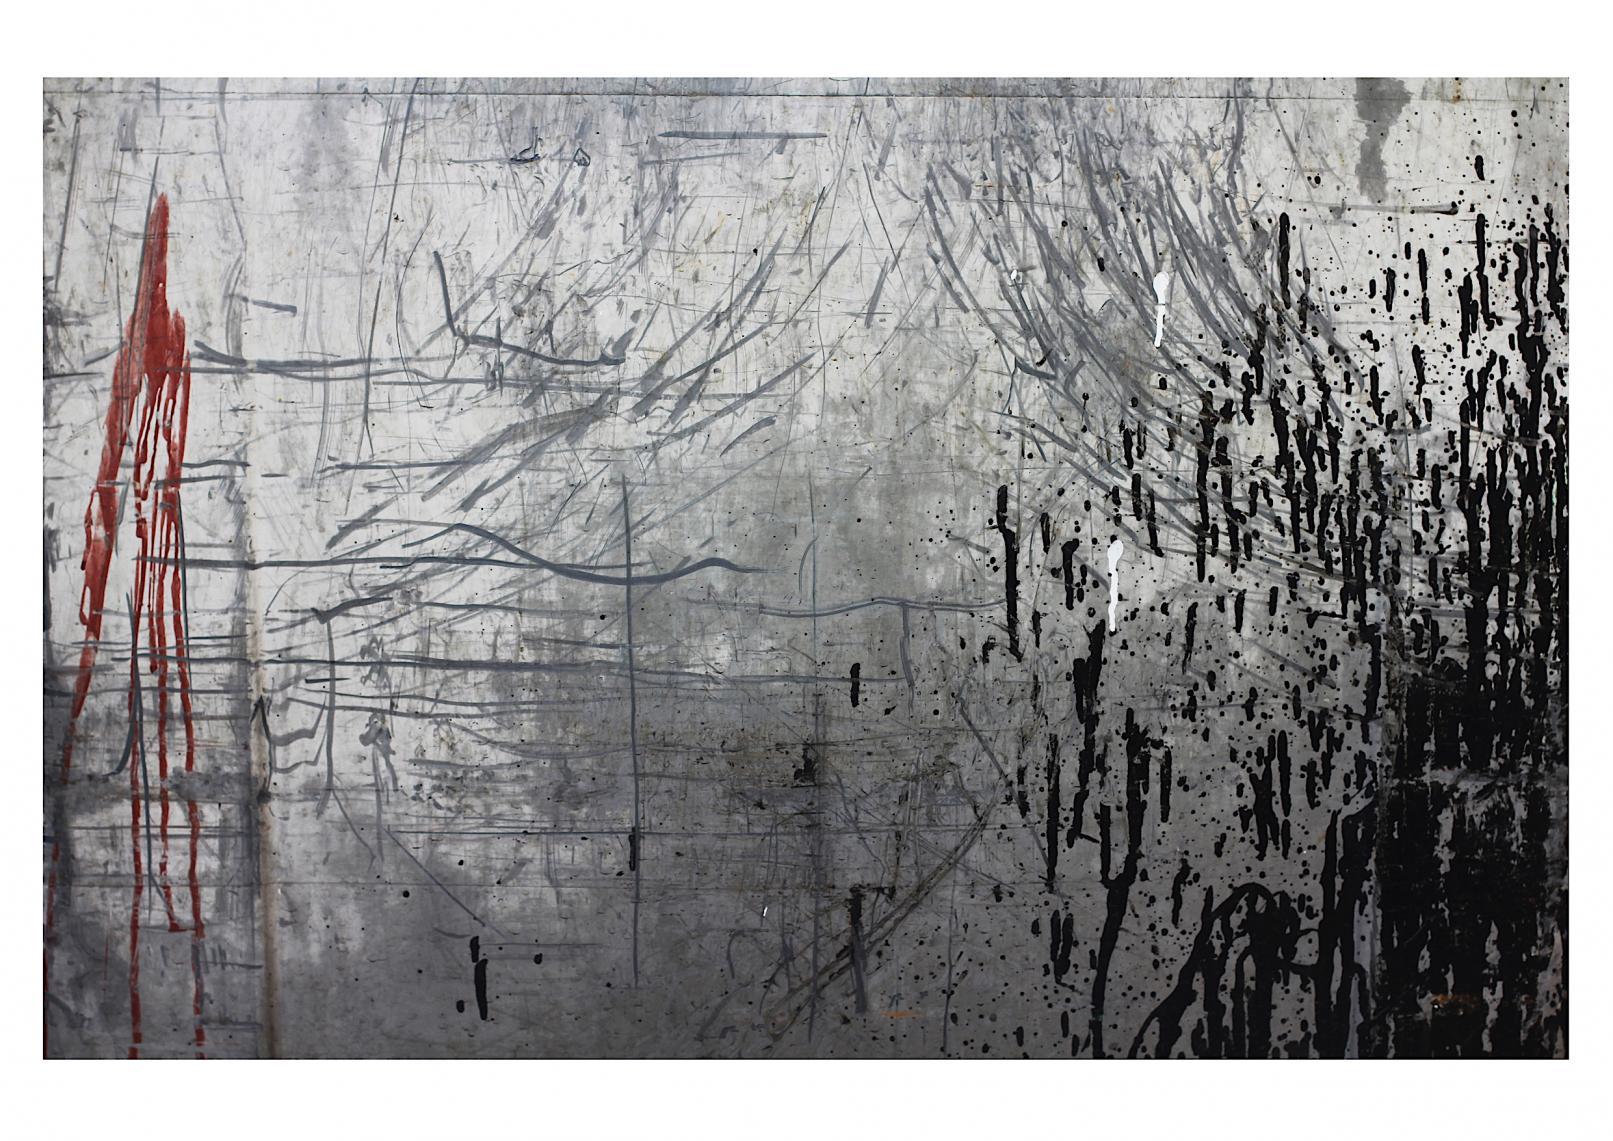 Vedado-Havana (Trash Painting III) (2017) - David Beltrán